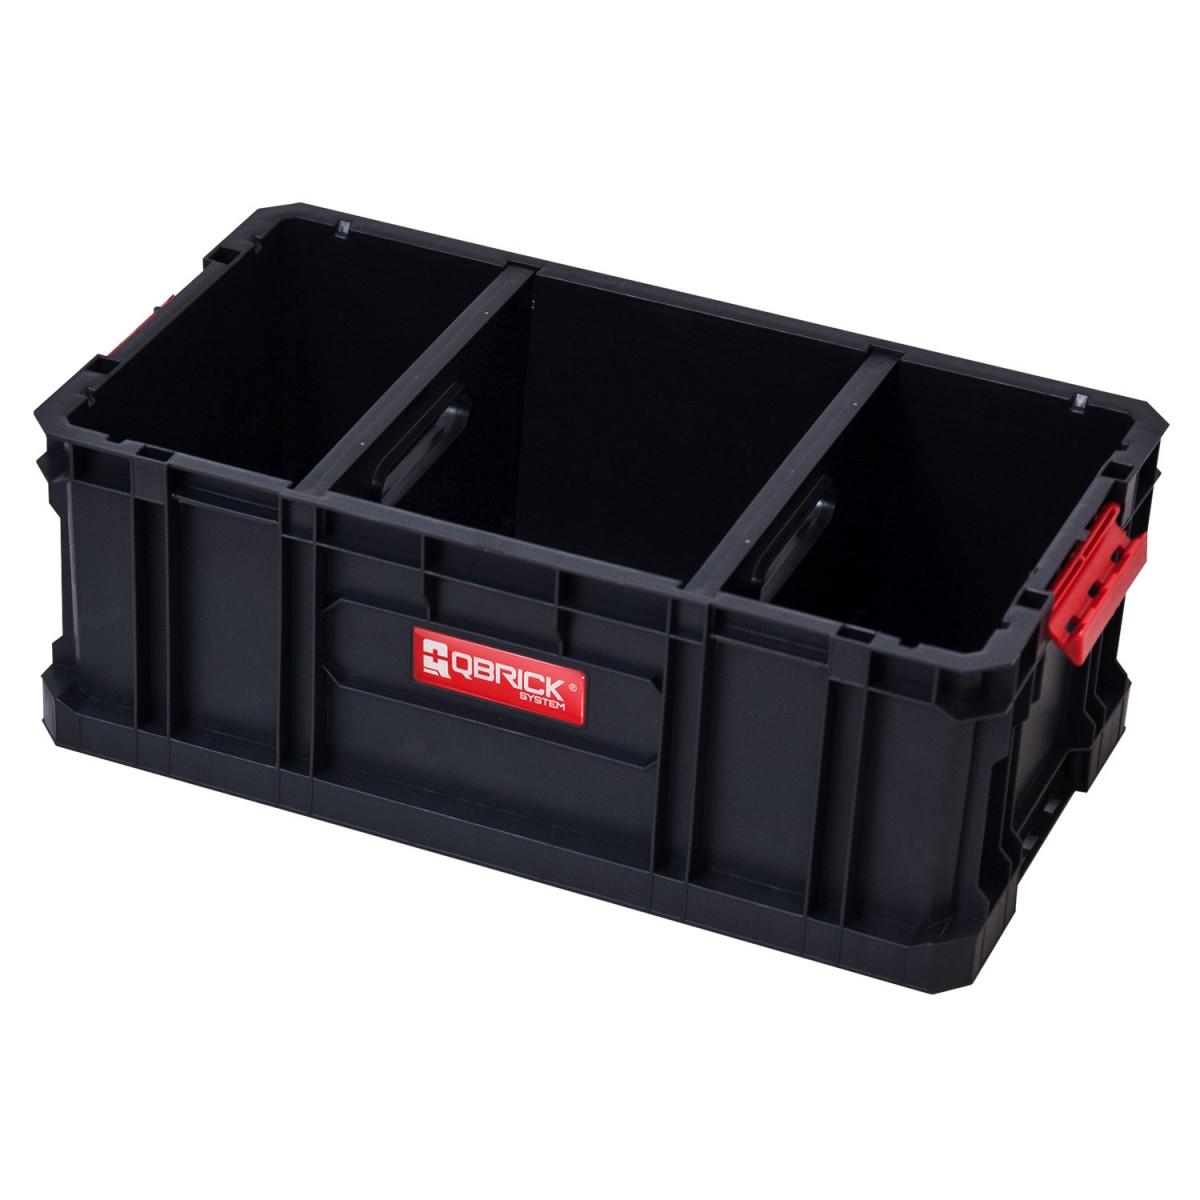 Kufr na nářadí Box QBRICK® System TWO Box 200 Flex